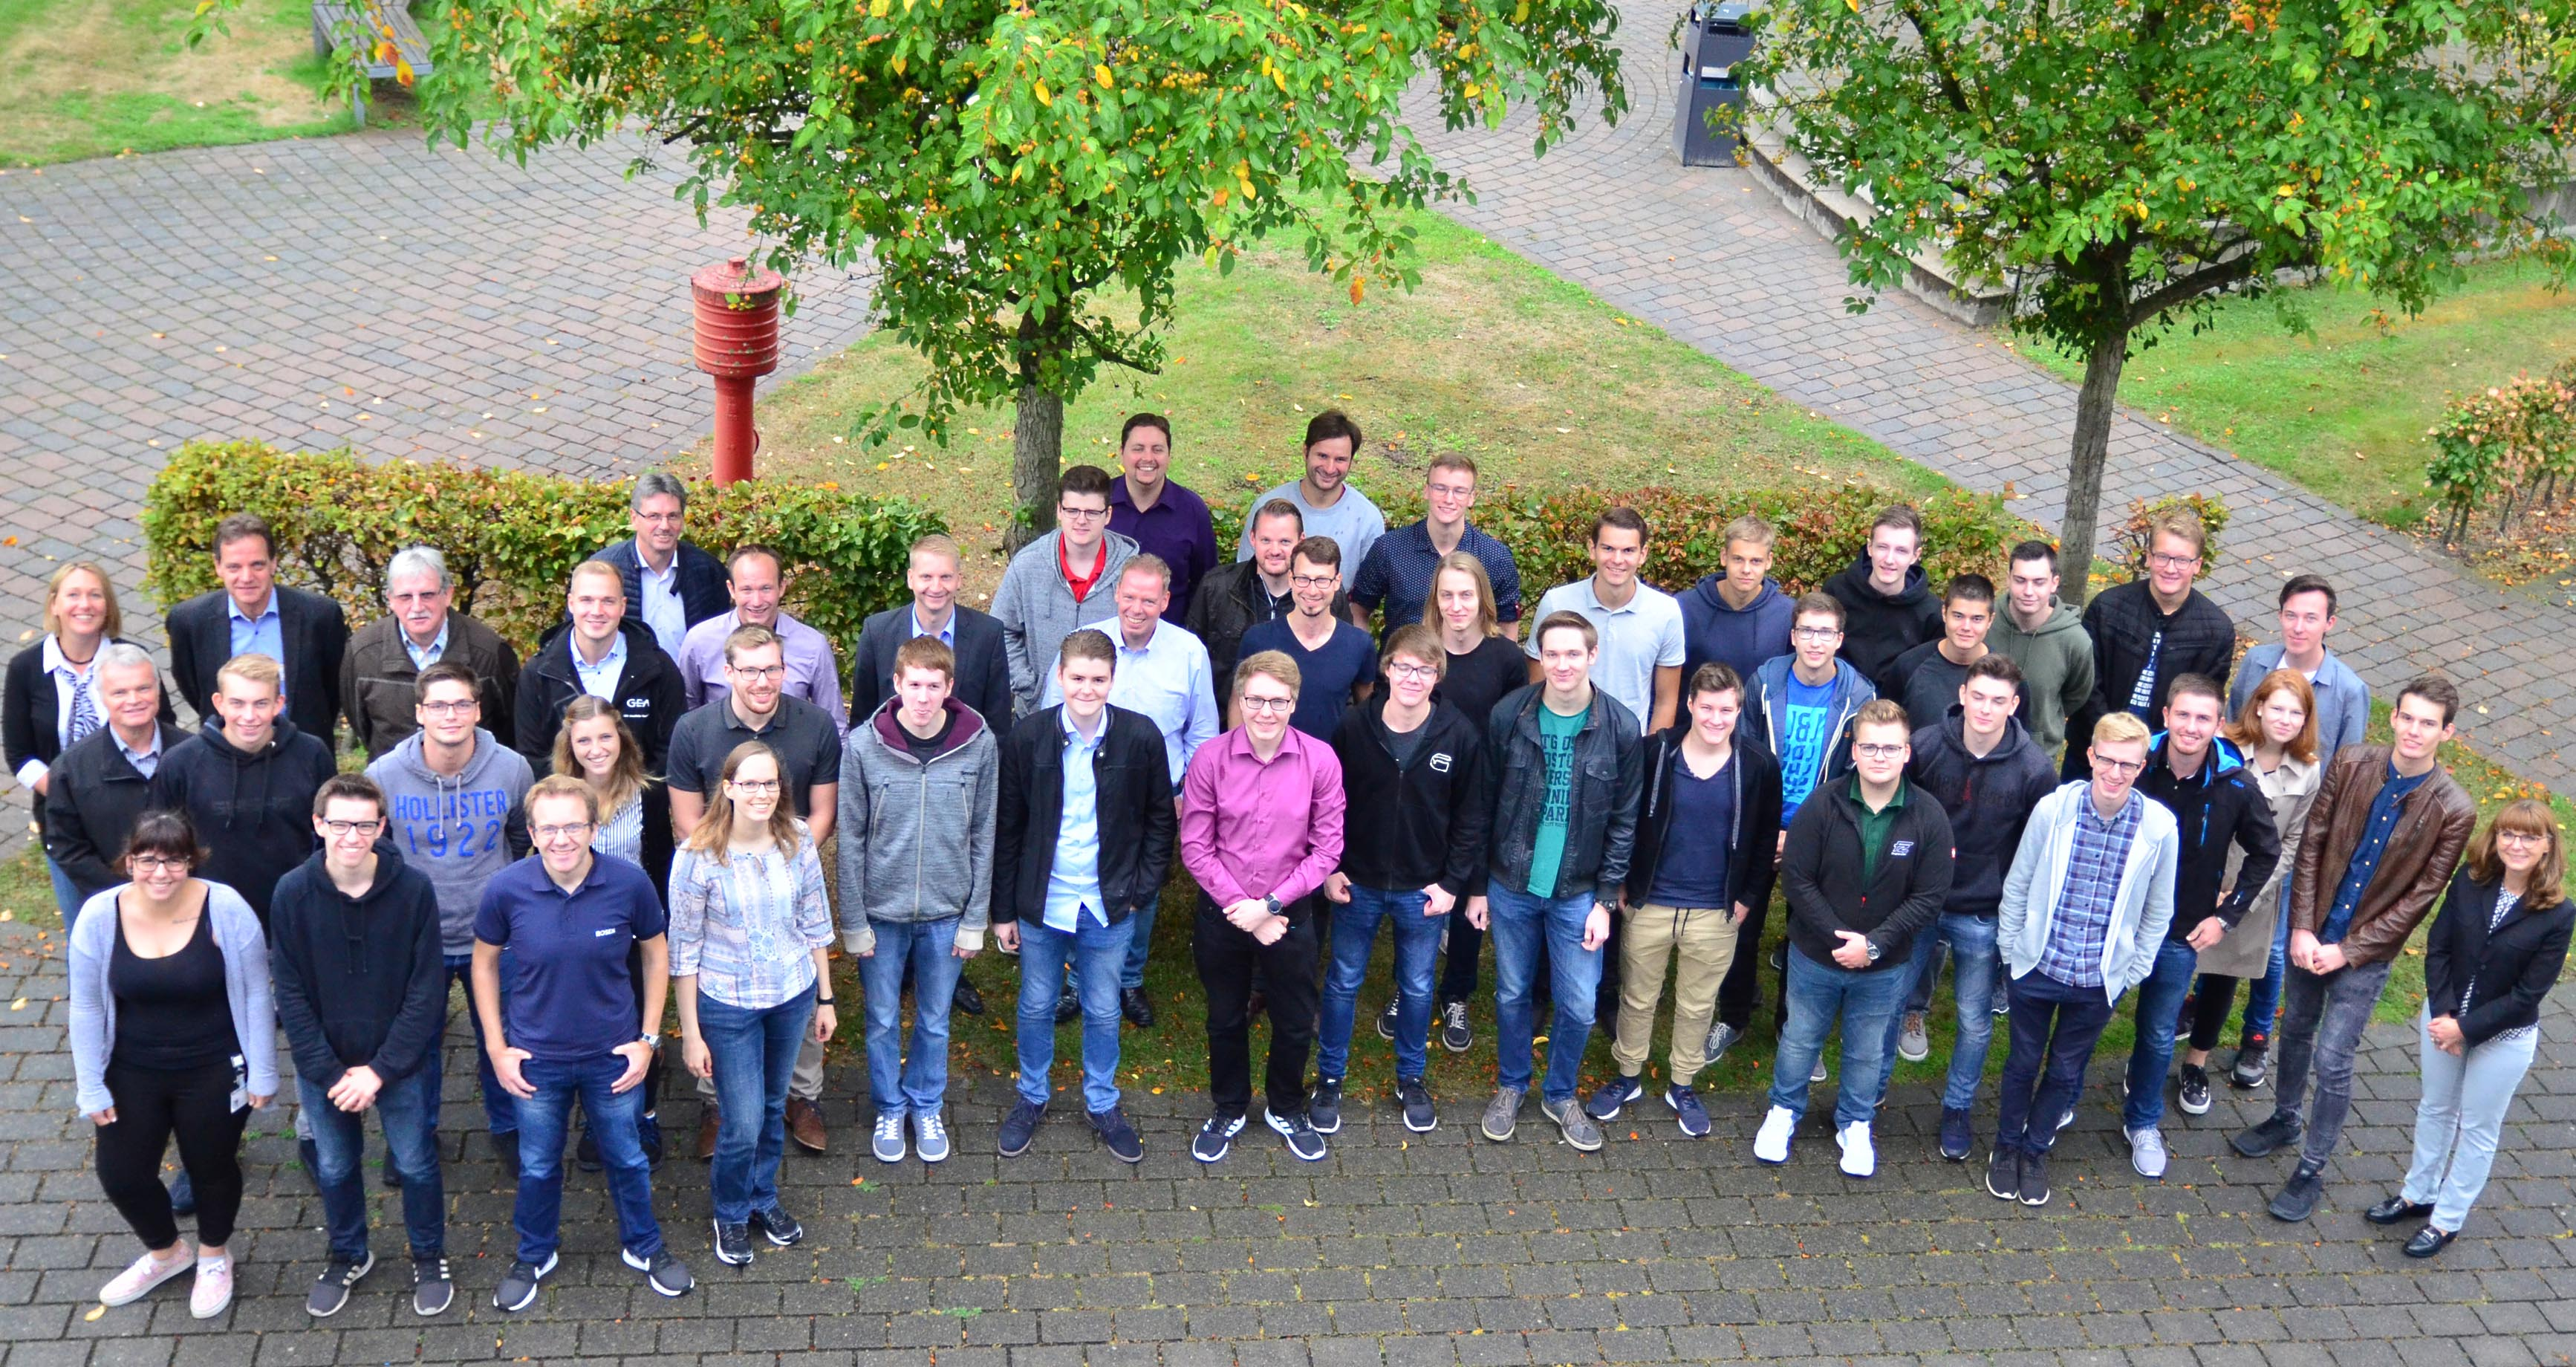 Gruppe Erstsemester mit Ausbildern auf Campusgelände